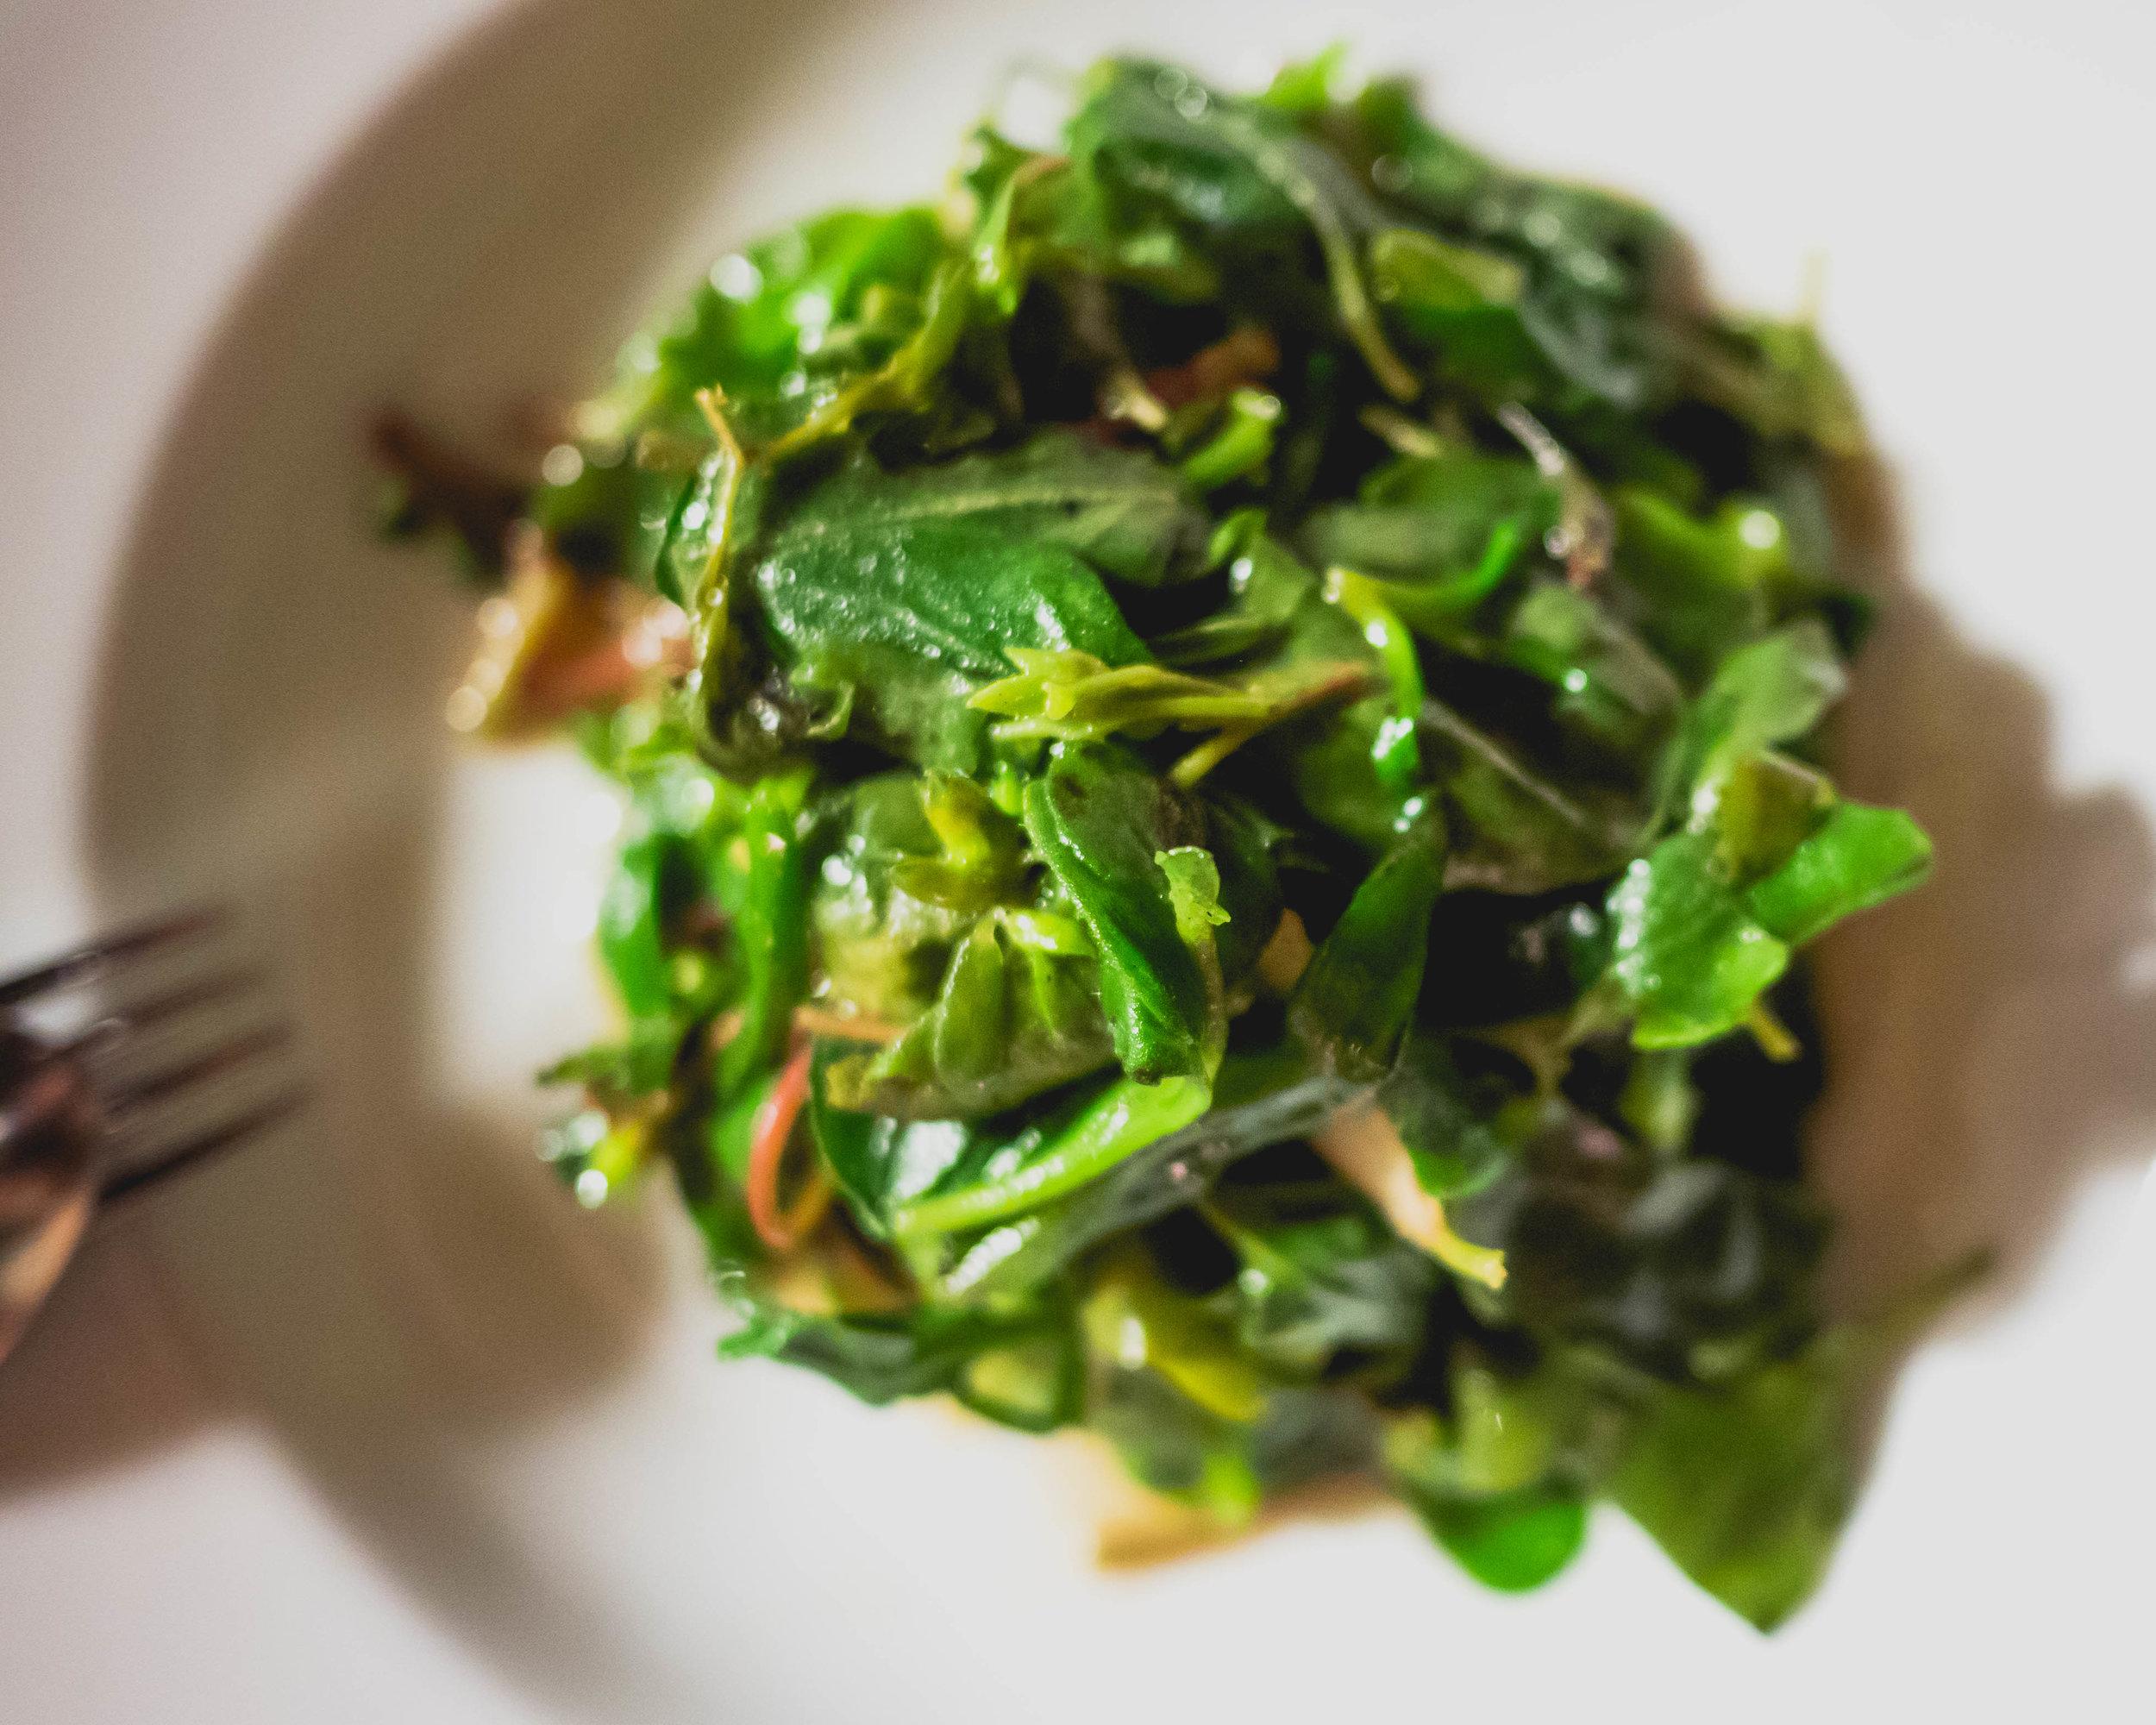 stir-fried australian native greens  with ginger & shiro shoyo.